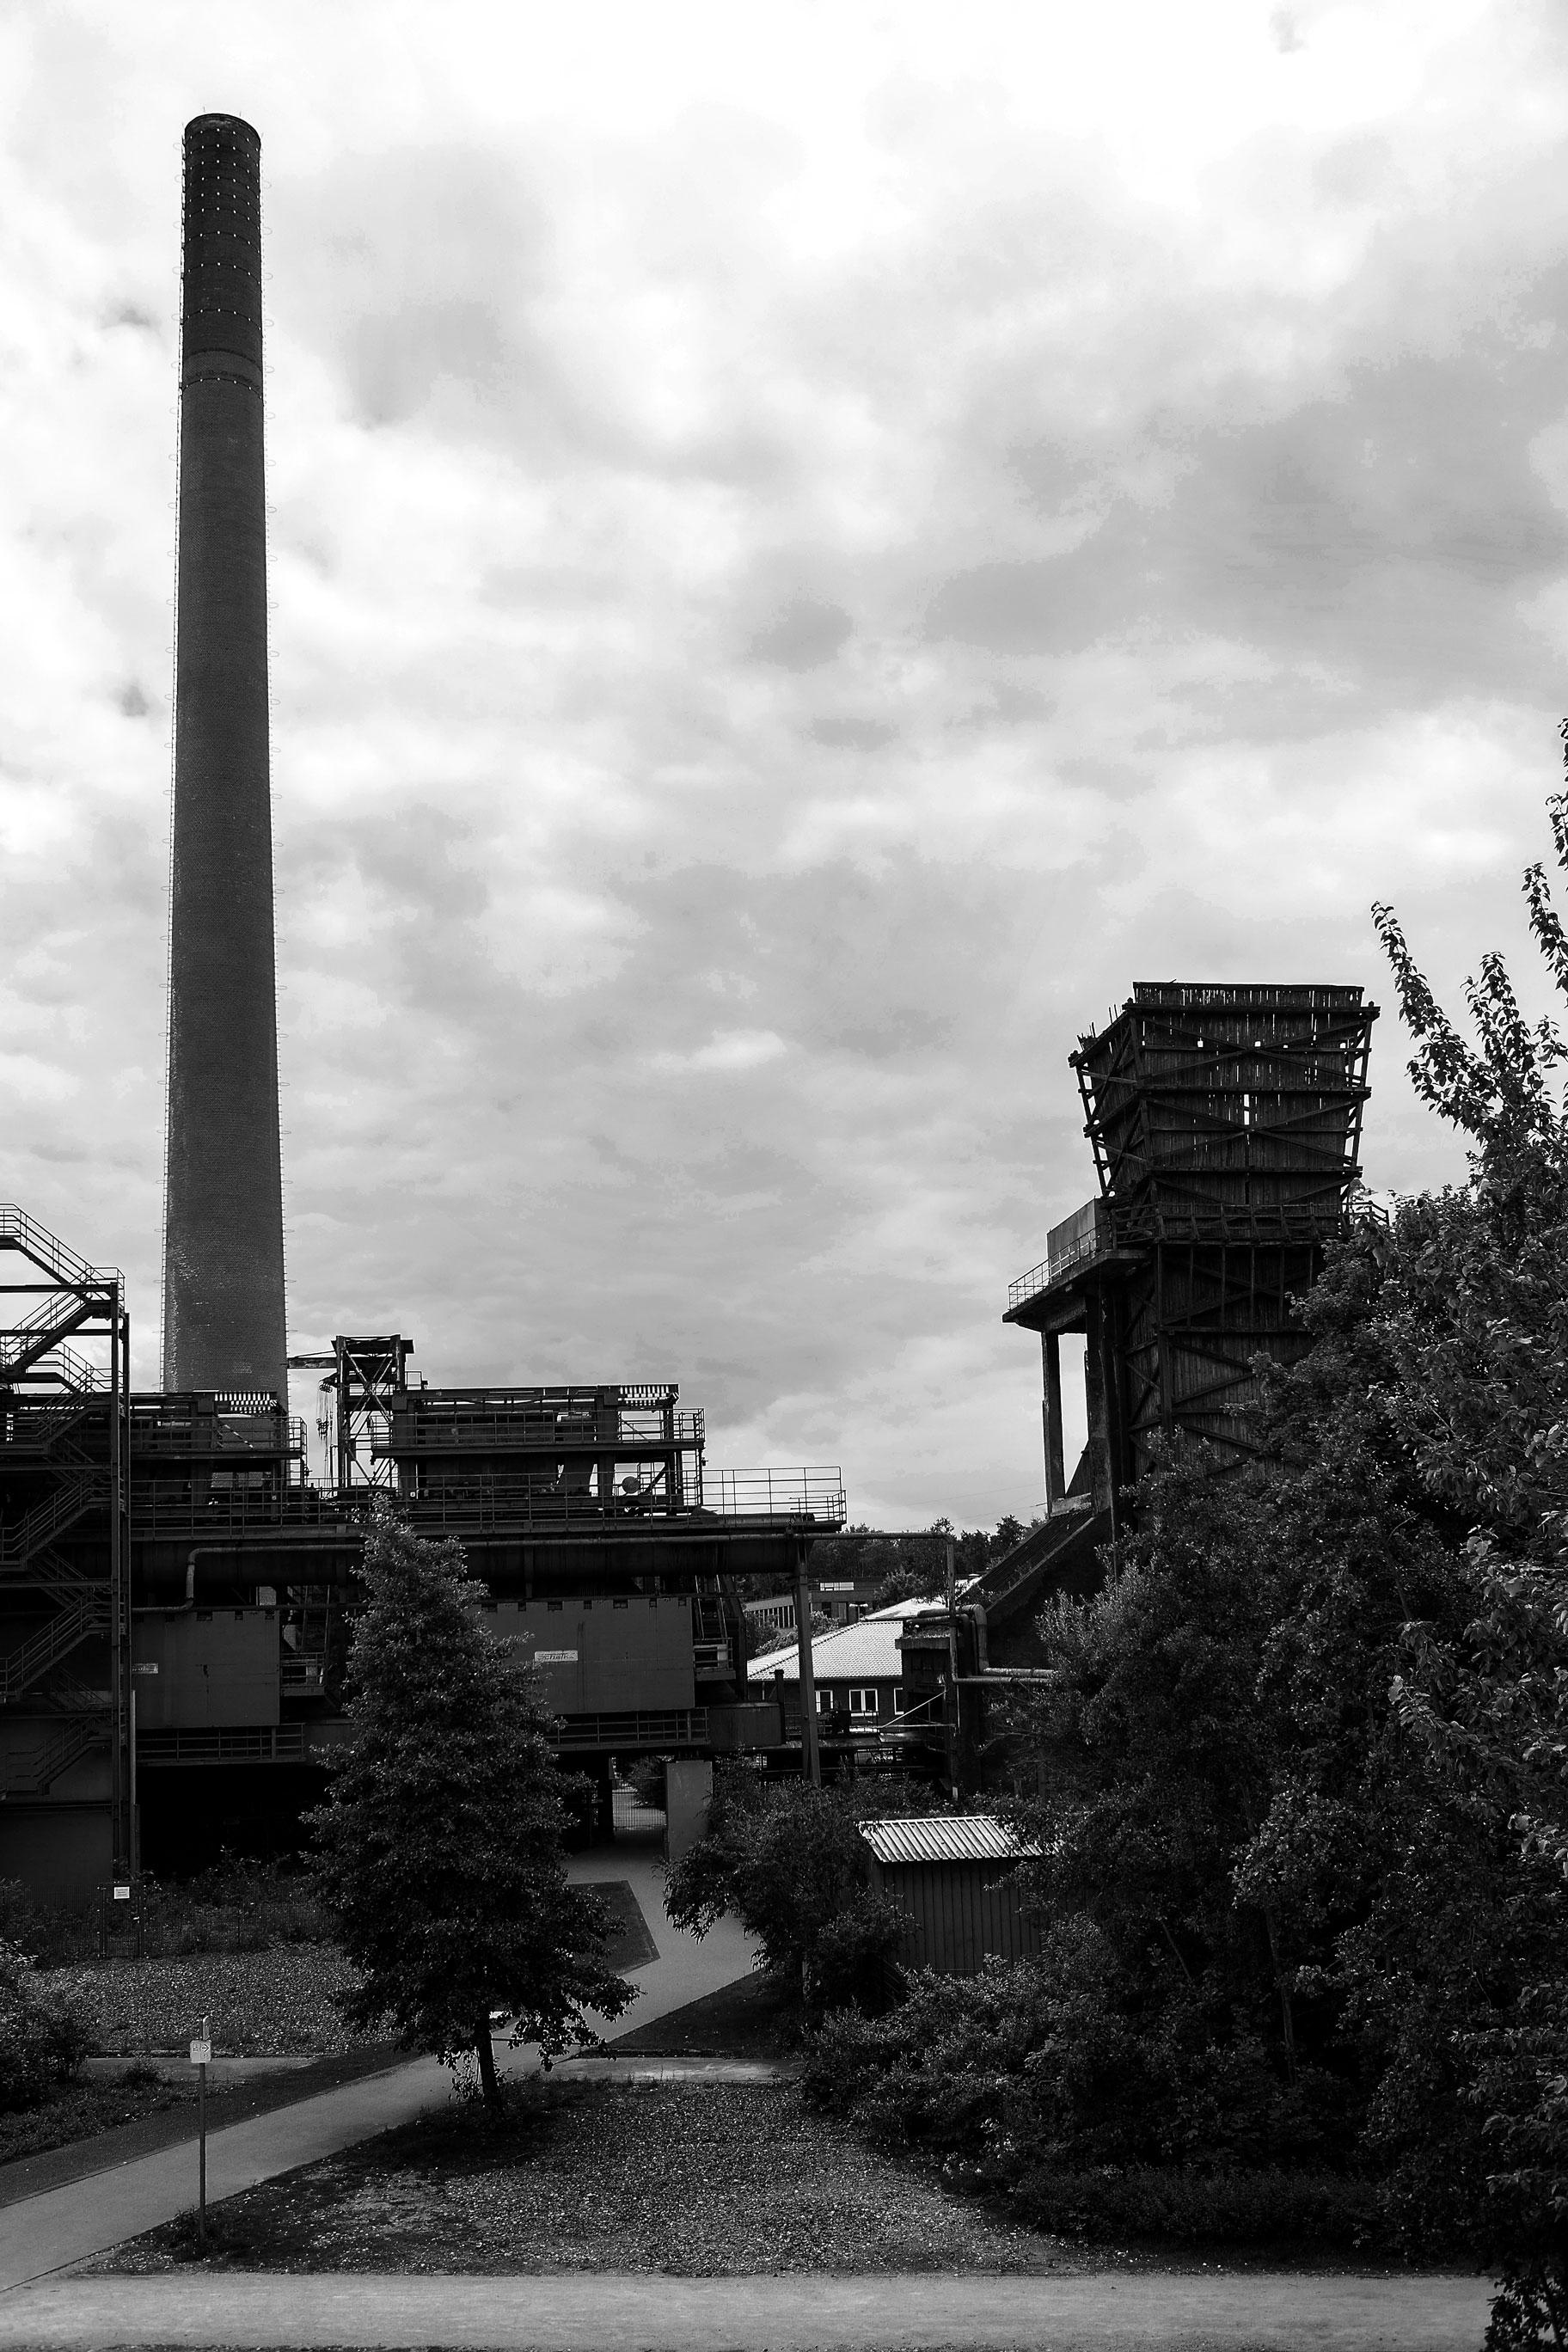 Zollverein_bw_09.jpg